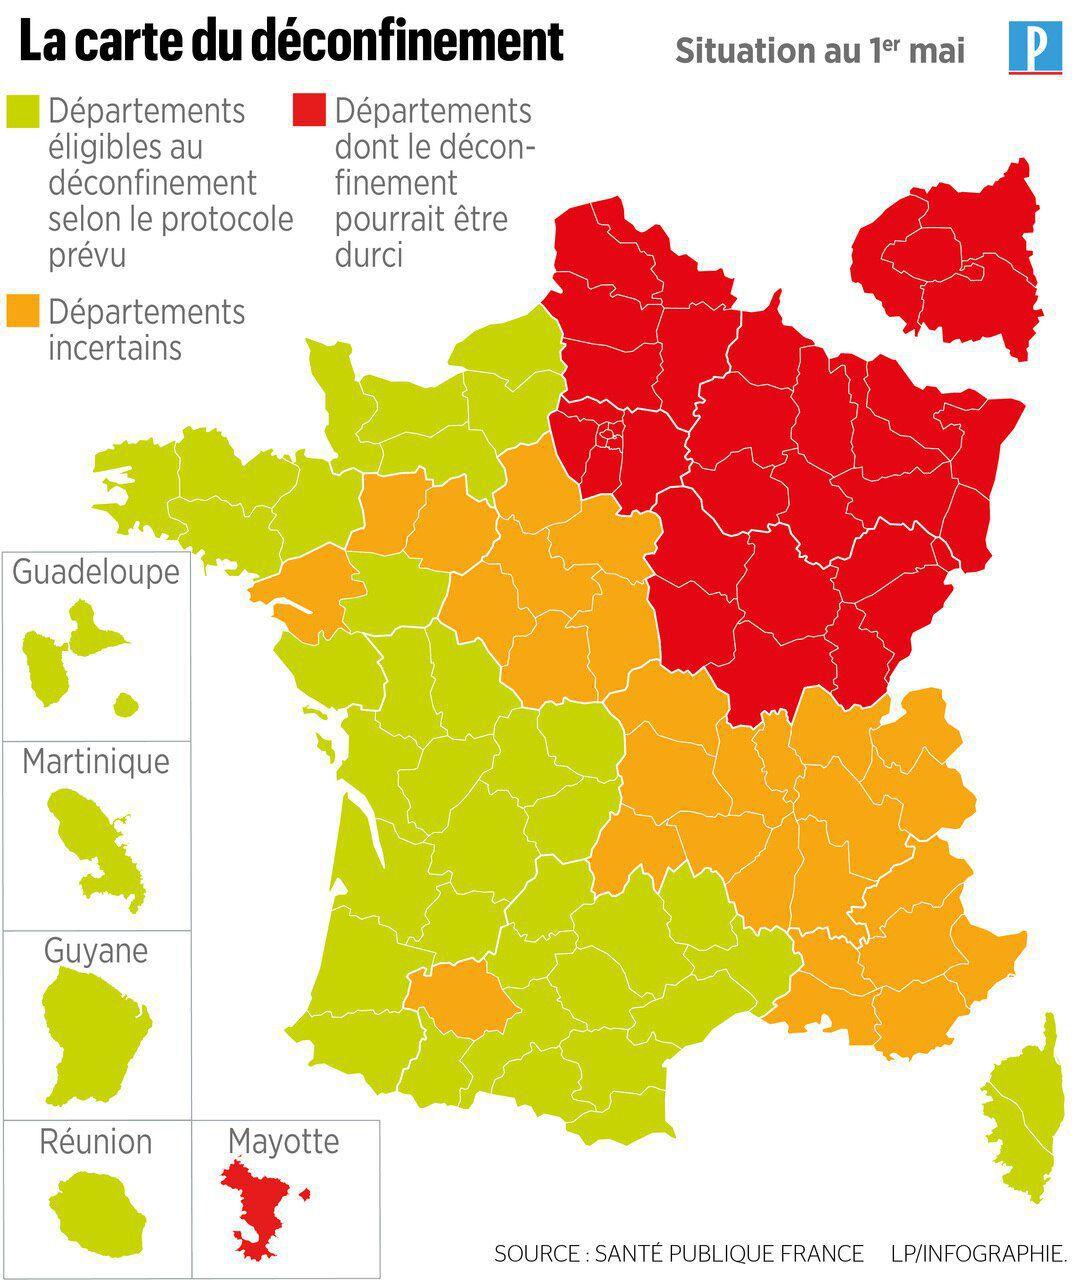 La carte du déconfinement - 1er mai 2020